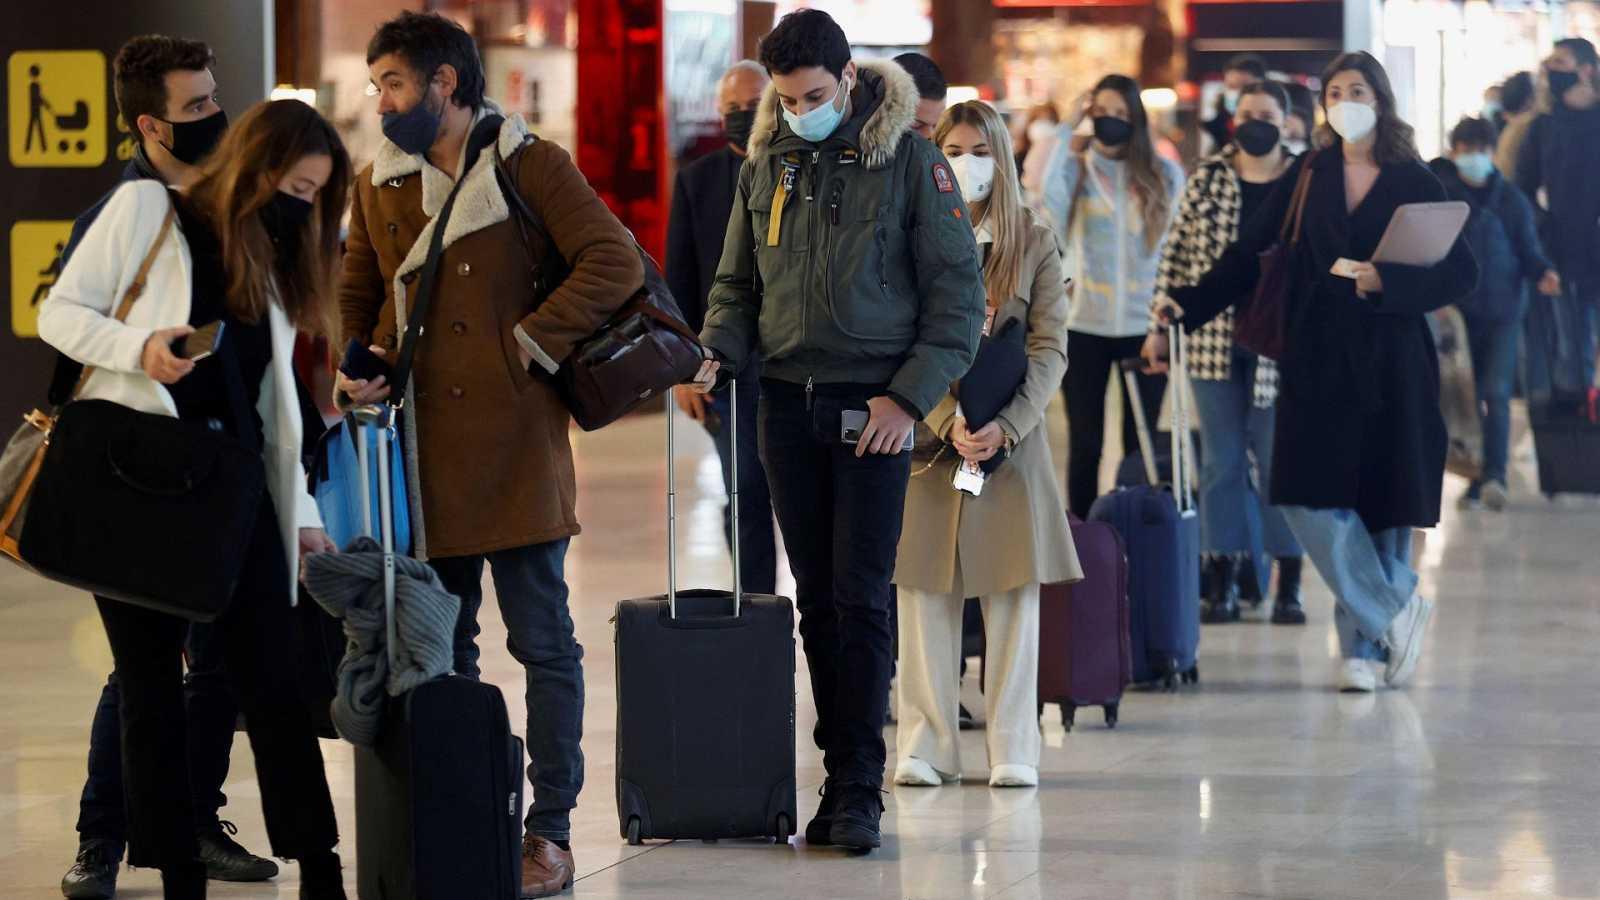 Polémica por la limitación de movilidad en Semana Santa mientras llegan turistas extranjeros